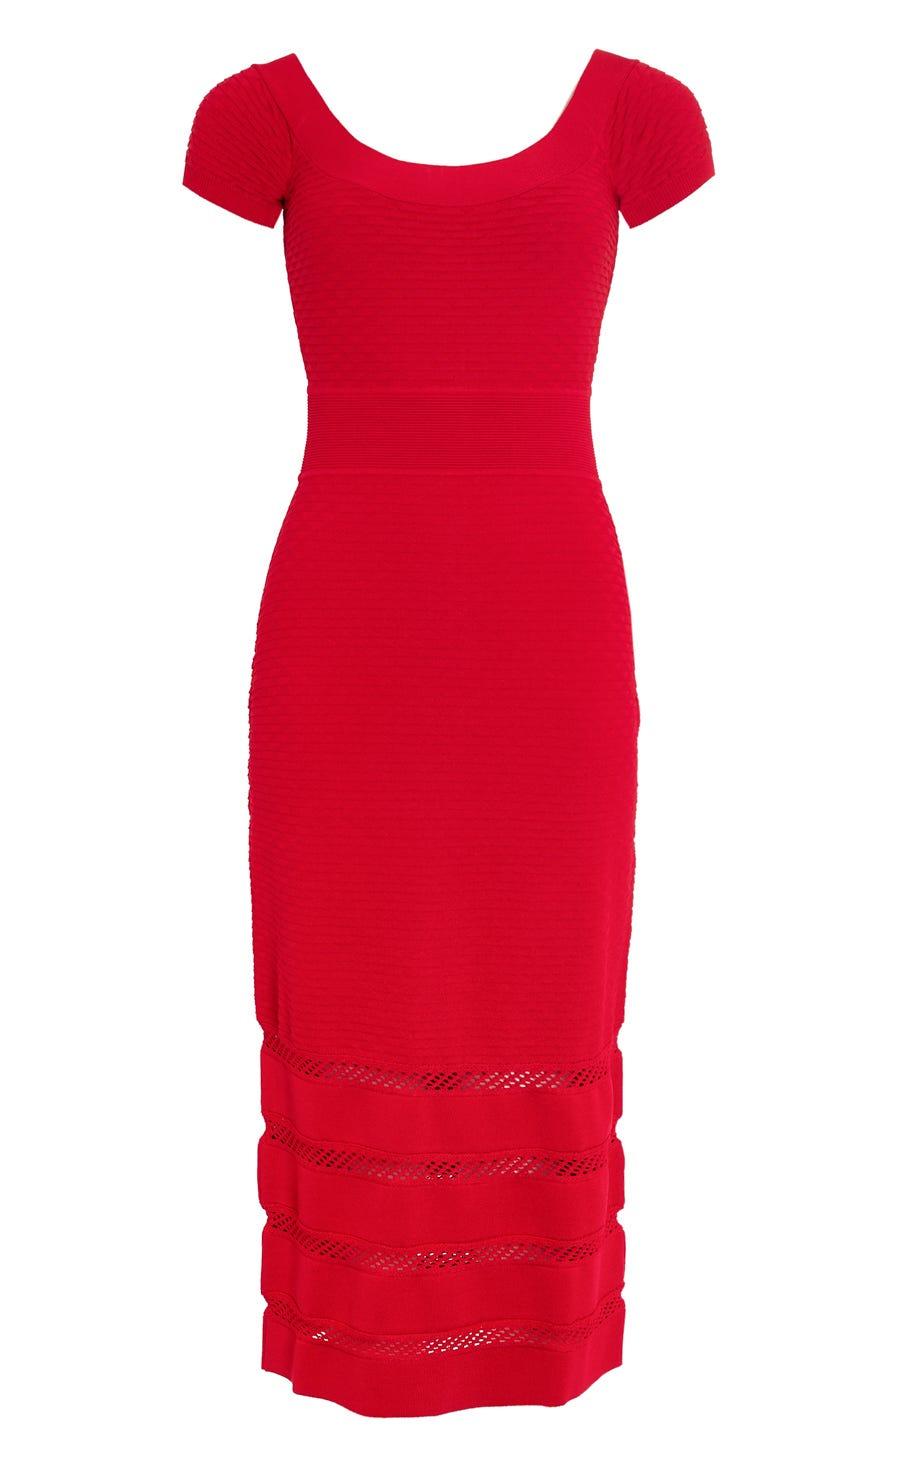 Kasha Knit Dress